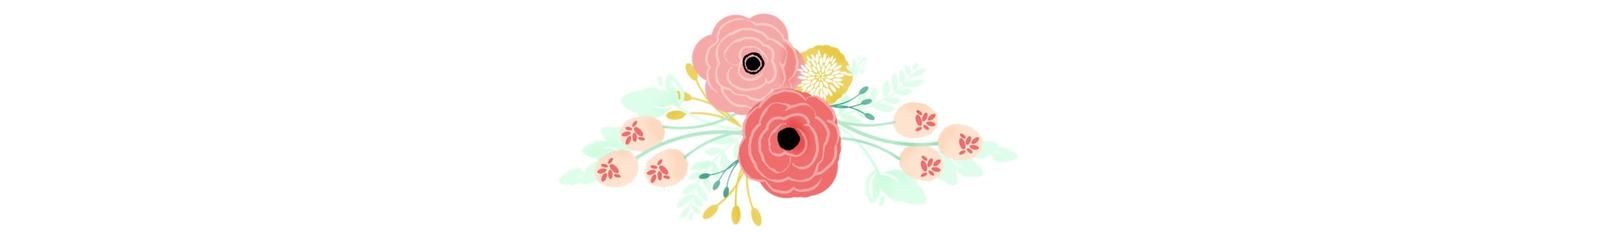 Octobre rose avec les #CocottePower {ConcoursInside}